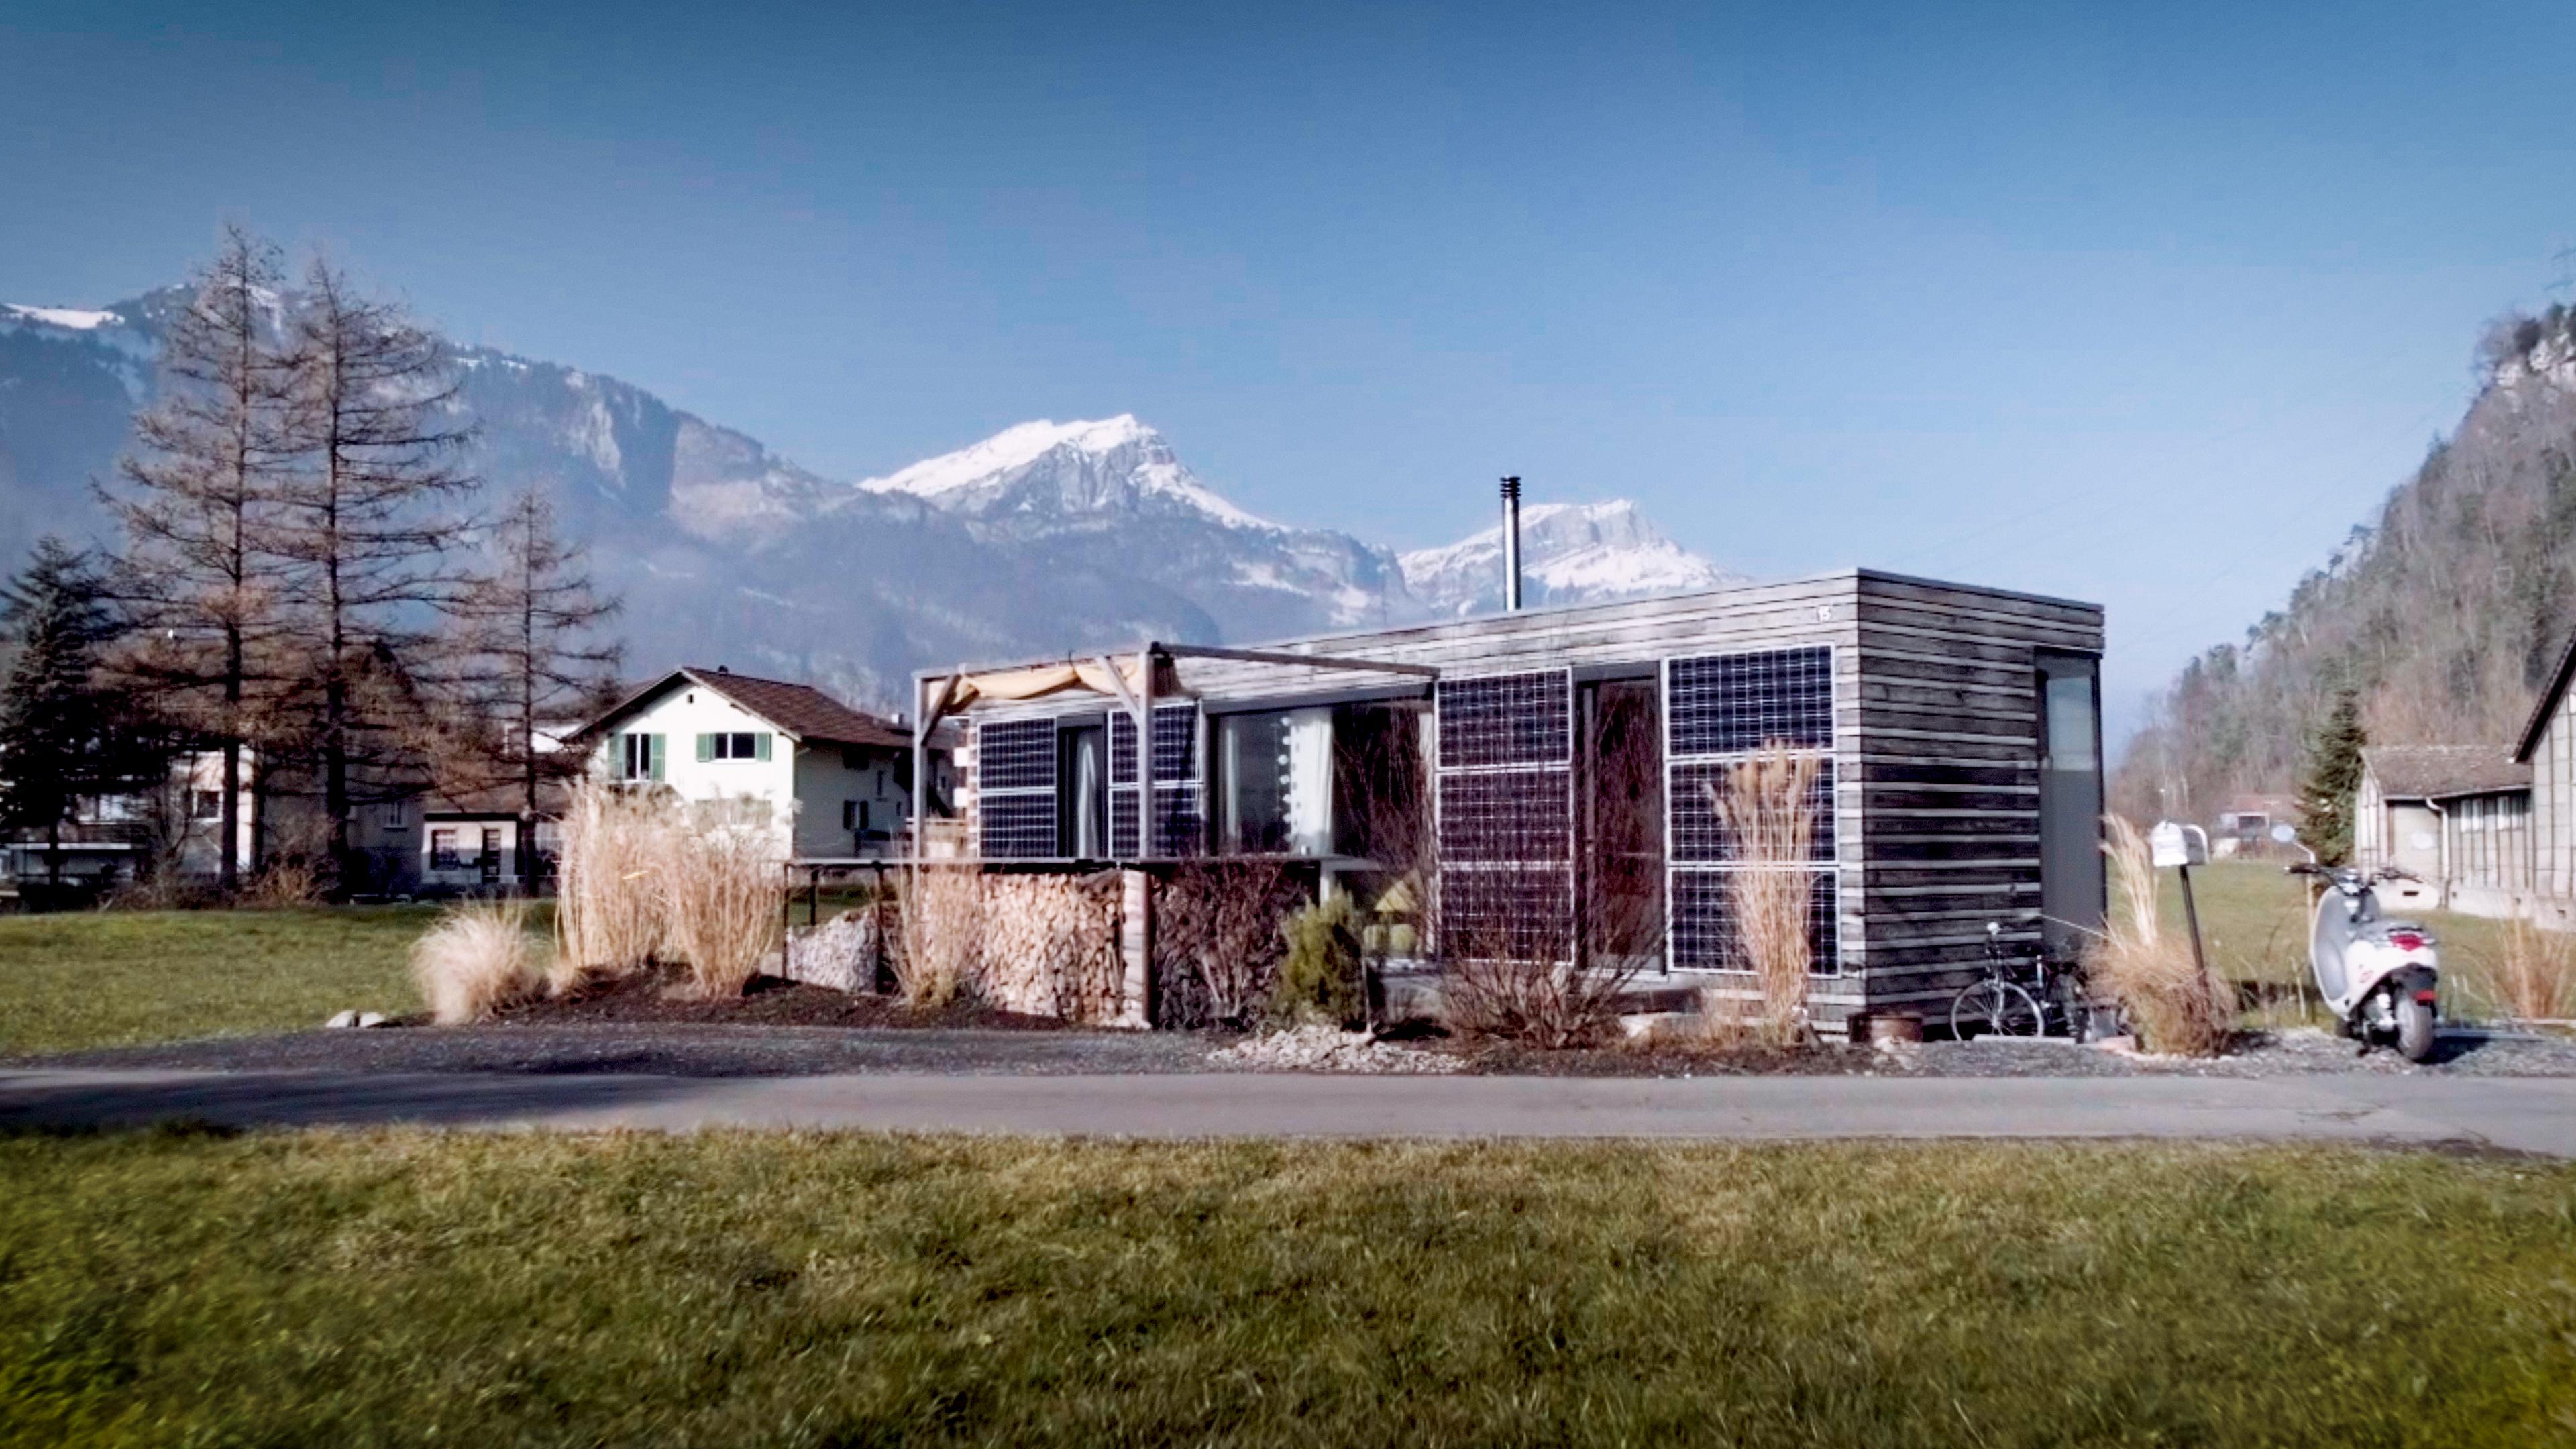 Nachhaltiges Wohnen auf 35m2 im Ökominihaus